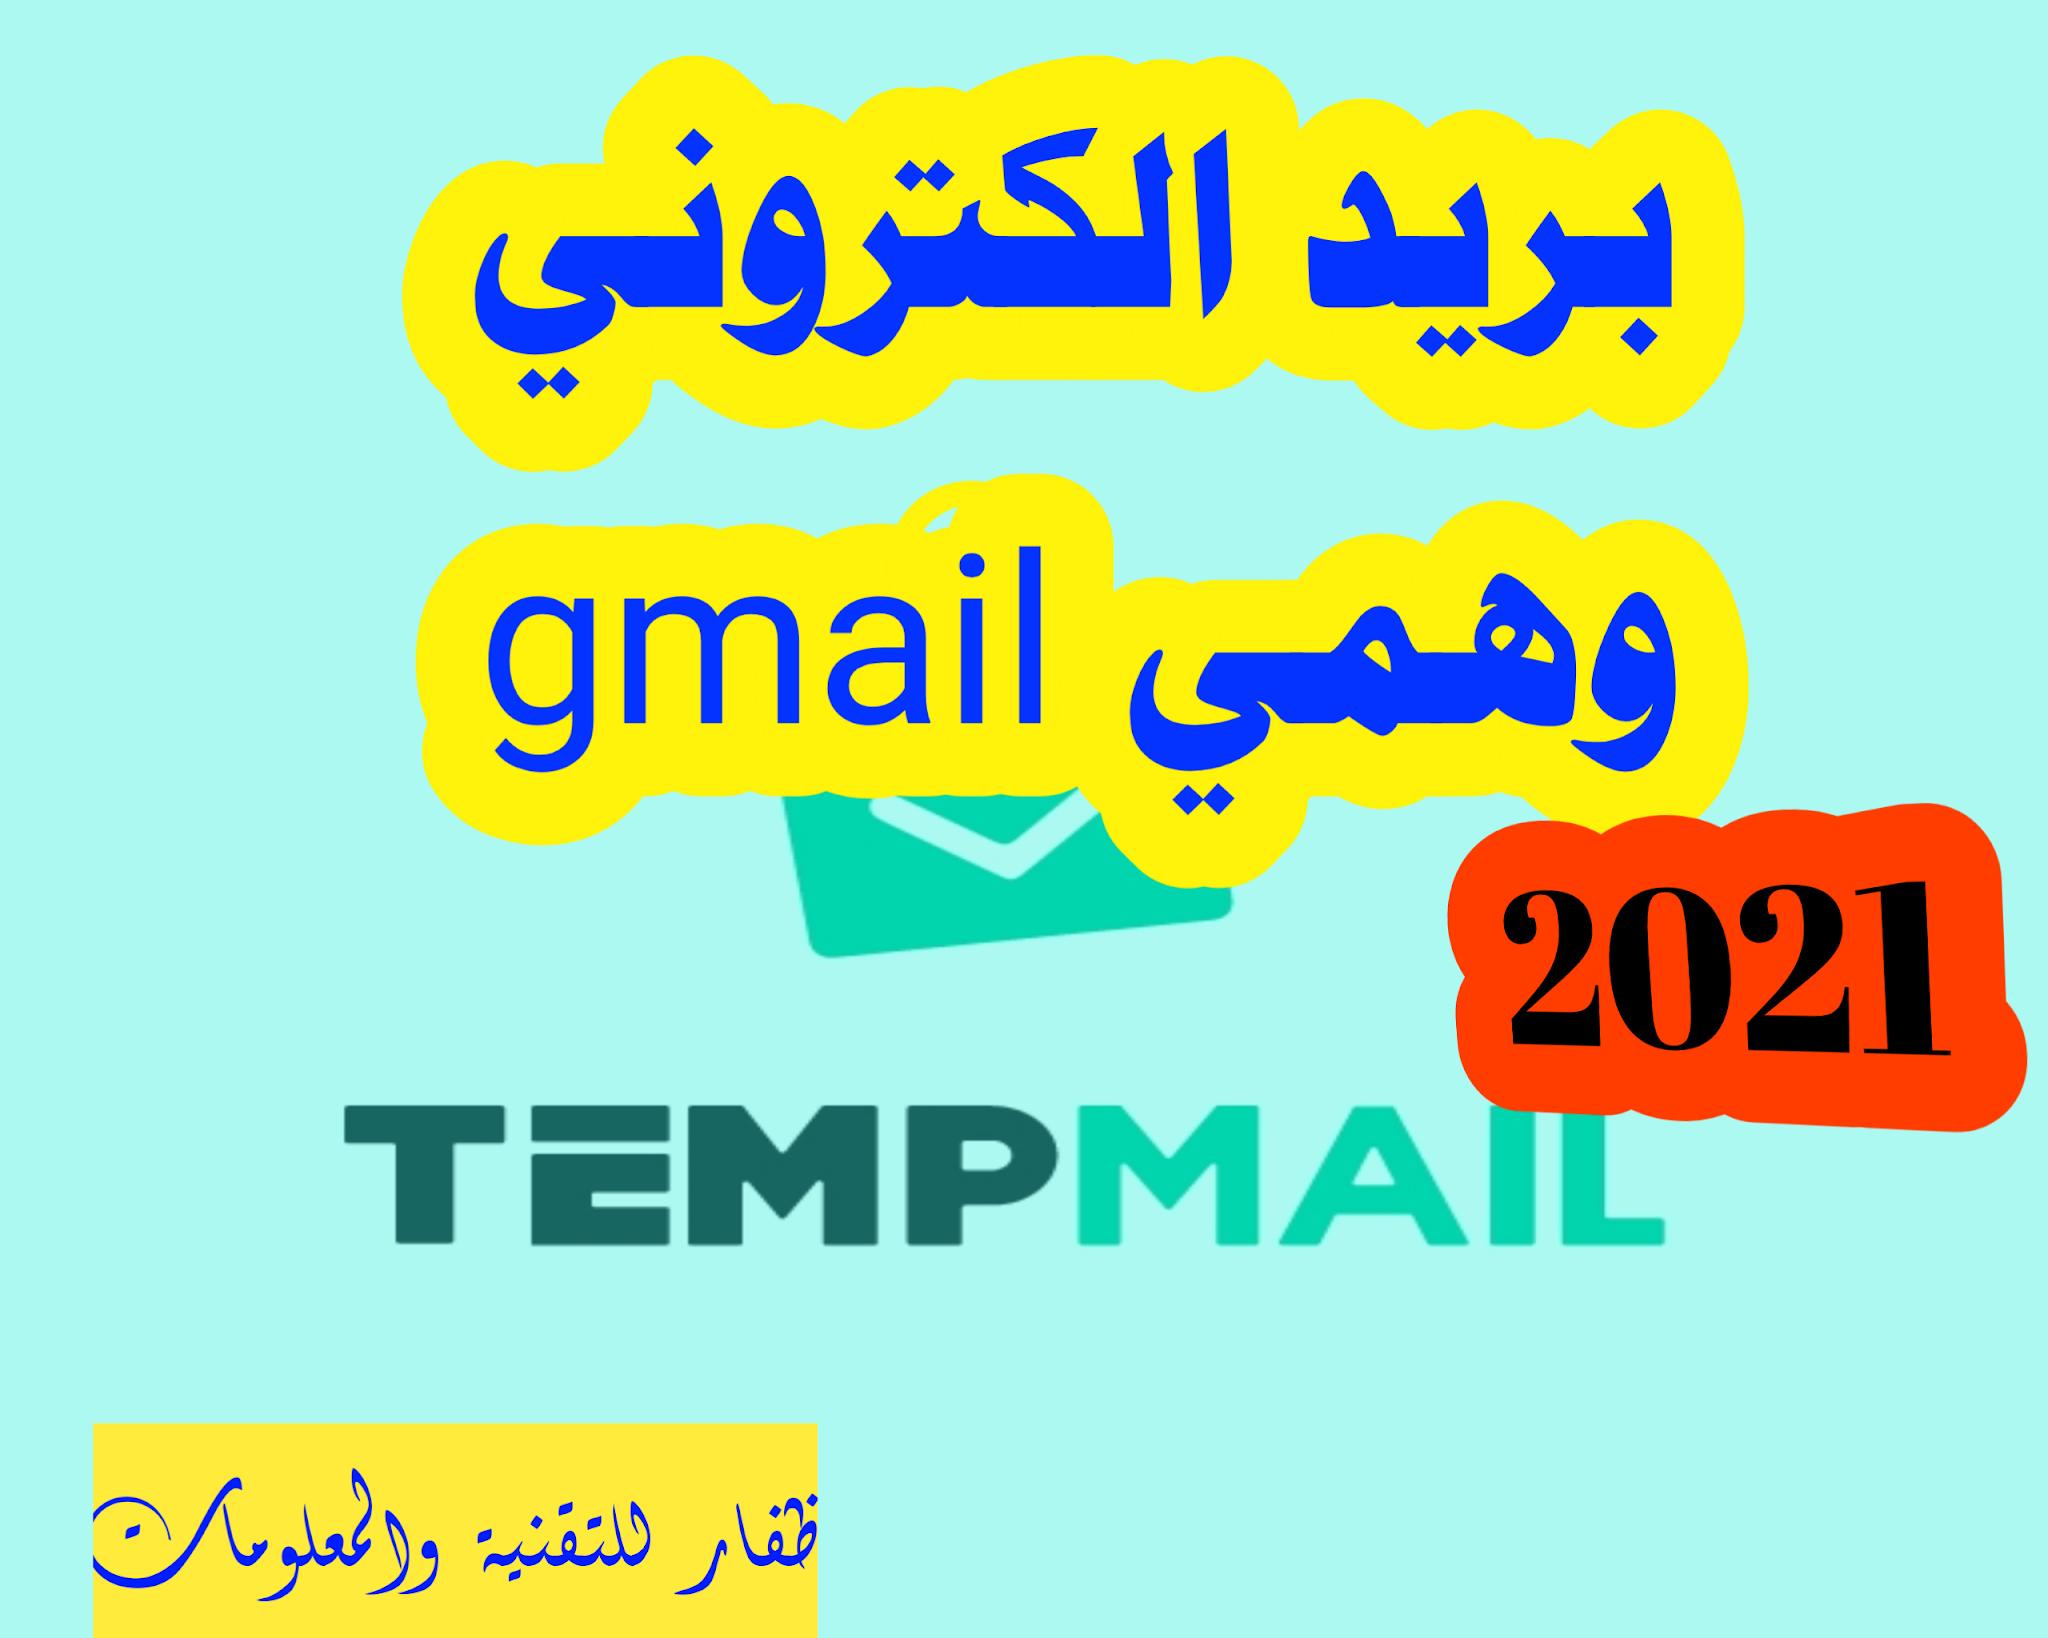 انشاء ايميل وهمي Fake Gmail احصل على بريد إلكتروني وهمي في اقل من دقيقة